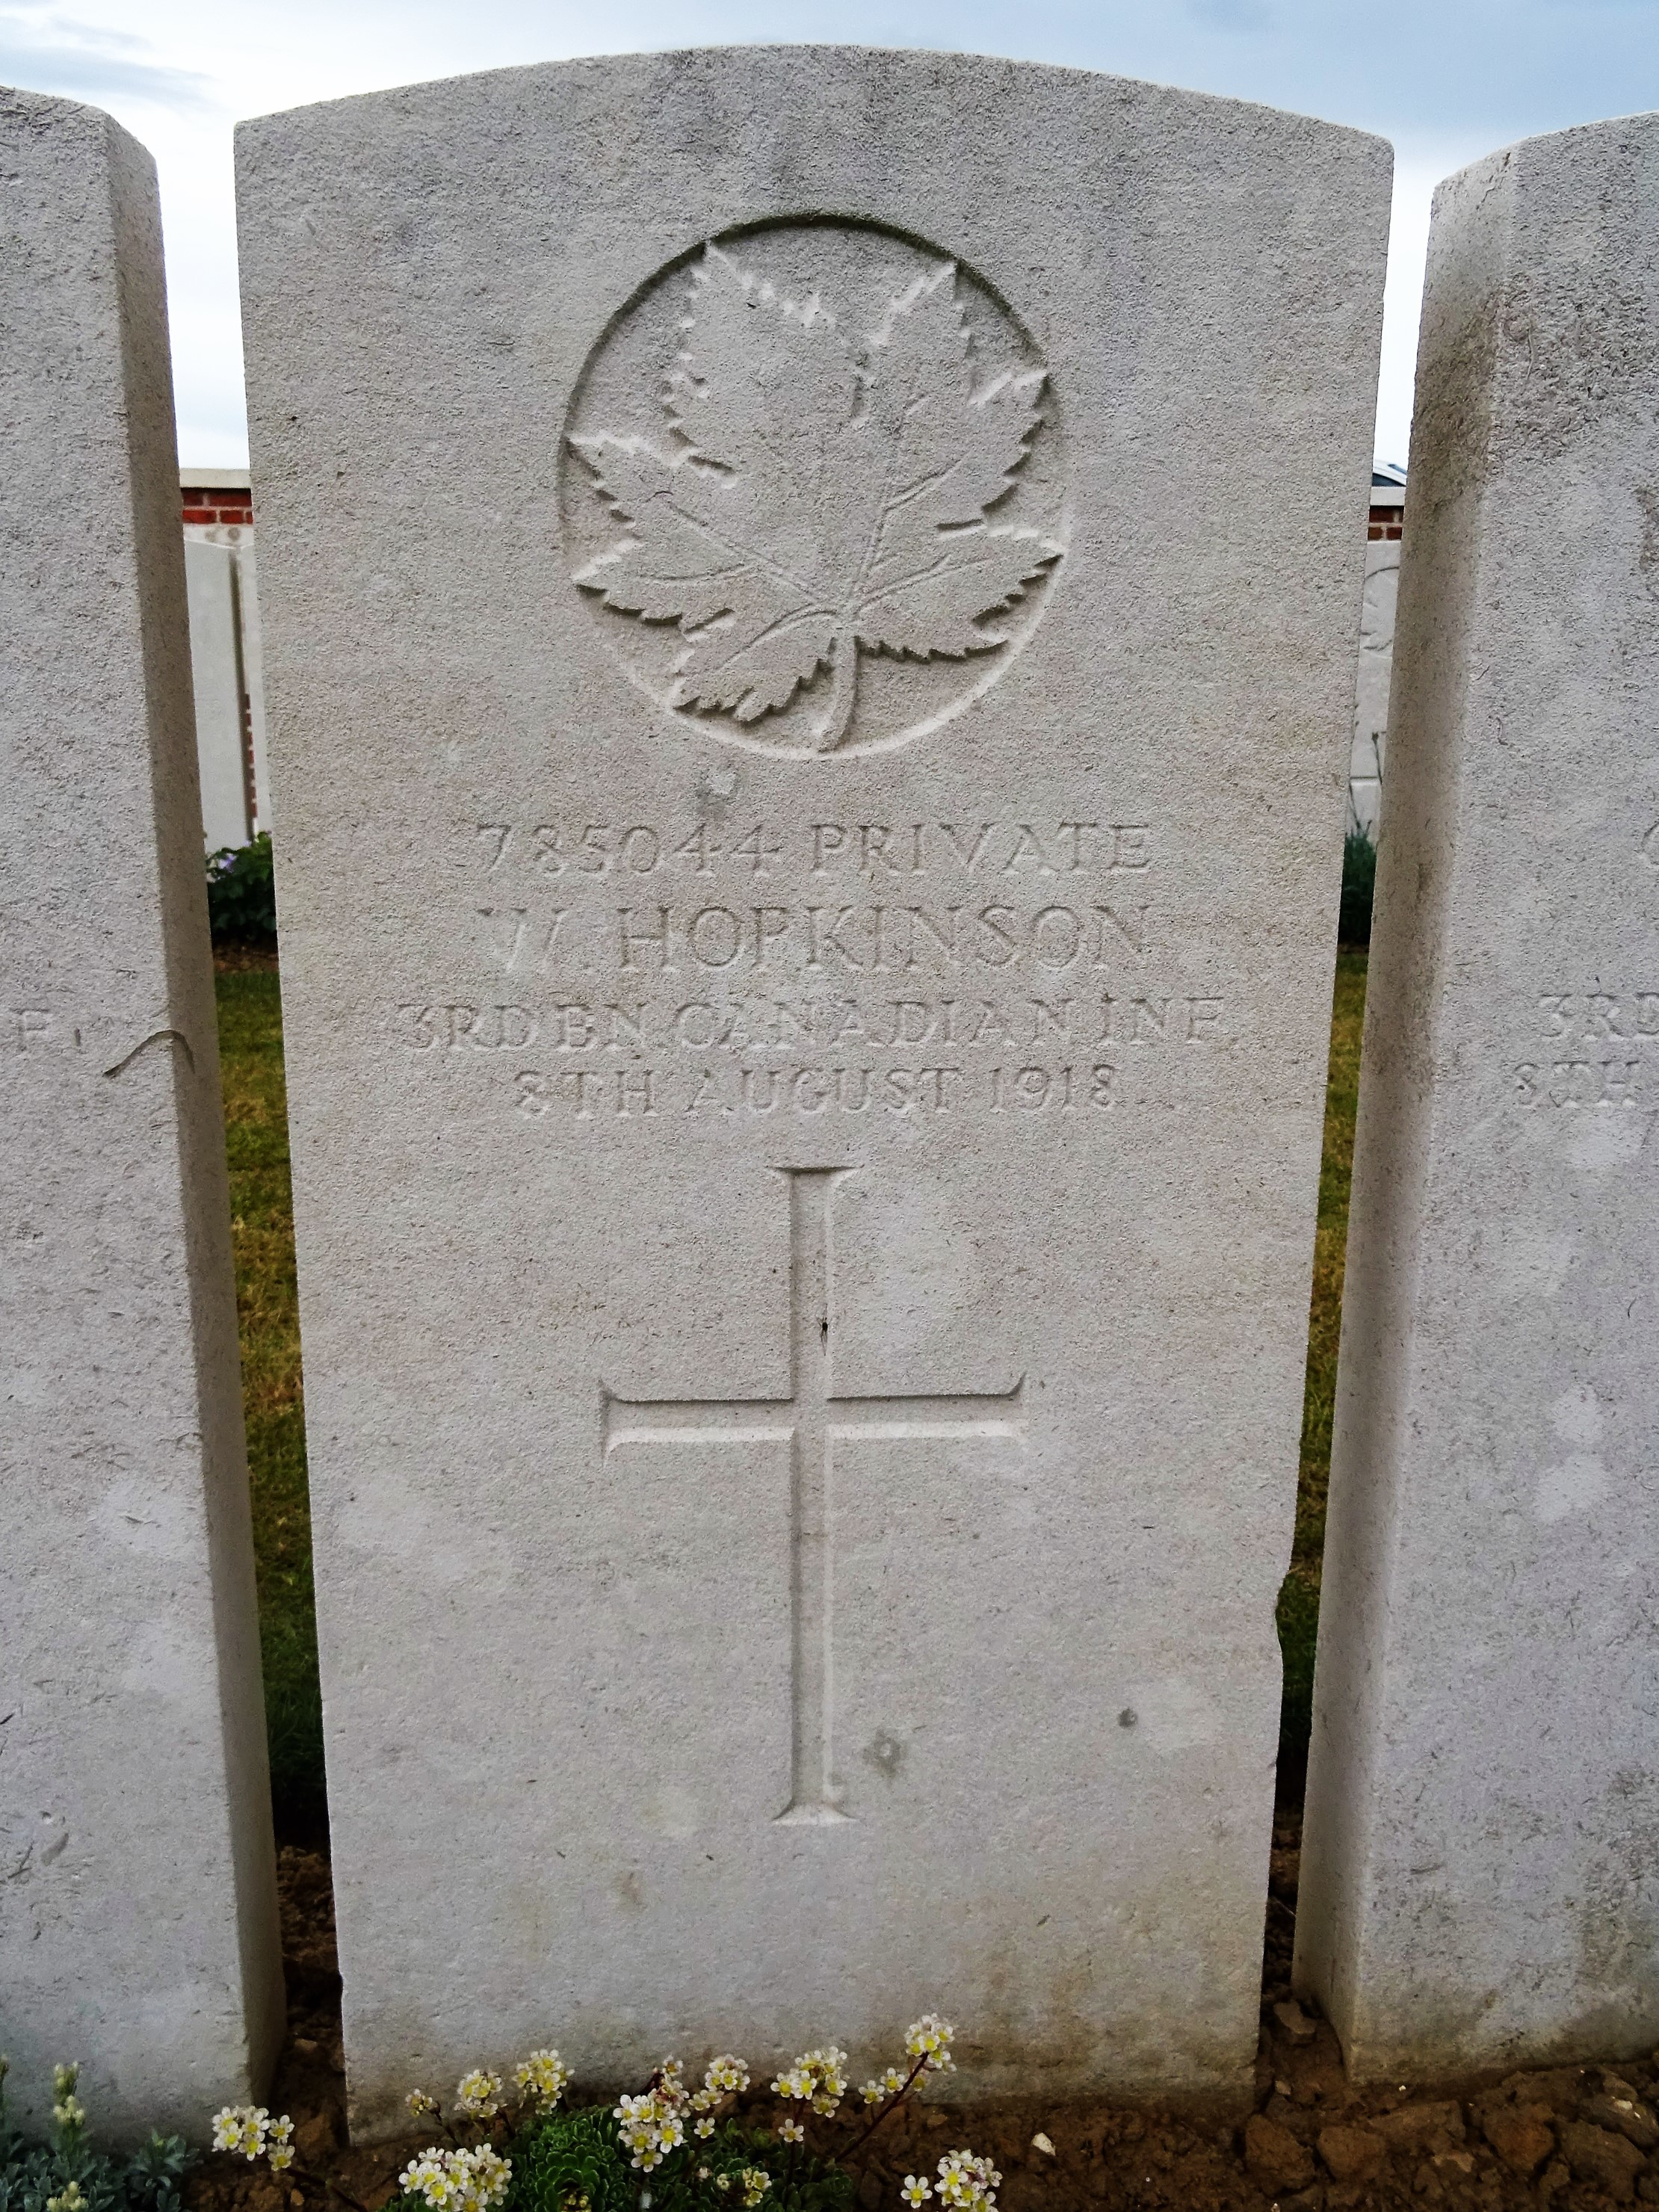 Private W Hopkinson